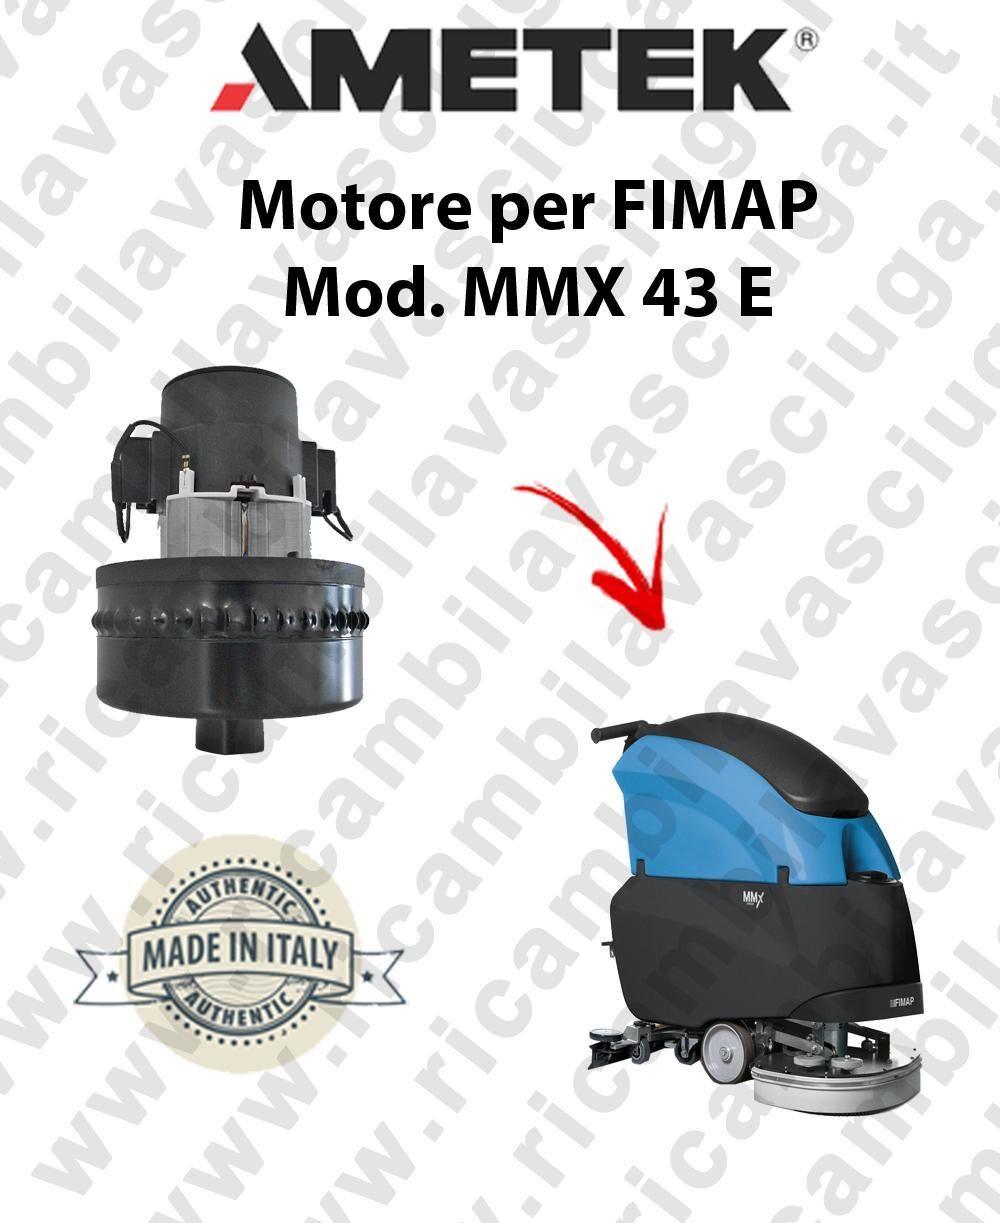 Fimap MMX 43 E MOTORE aspirazione AMETEK lavapavimenti